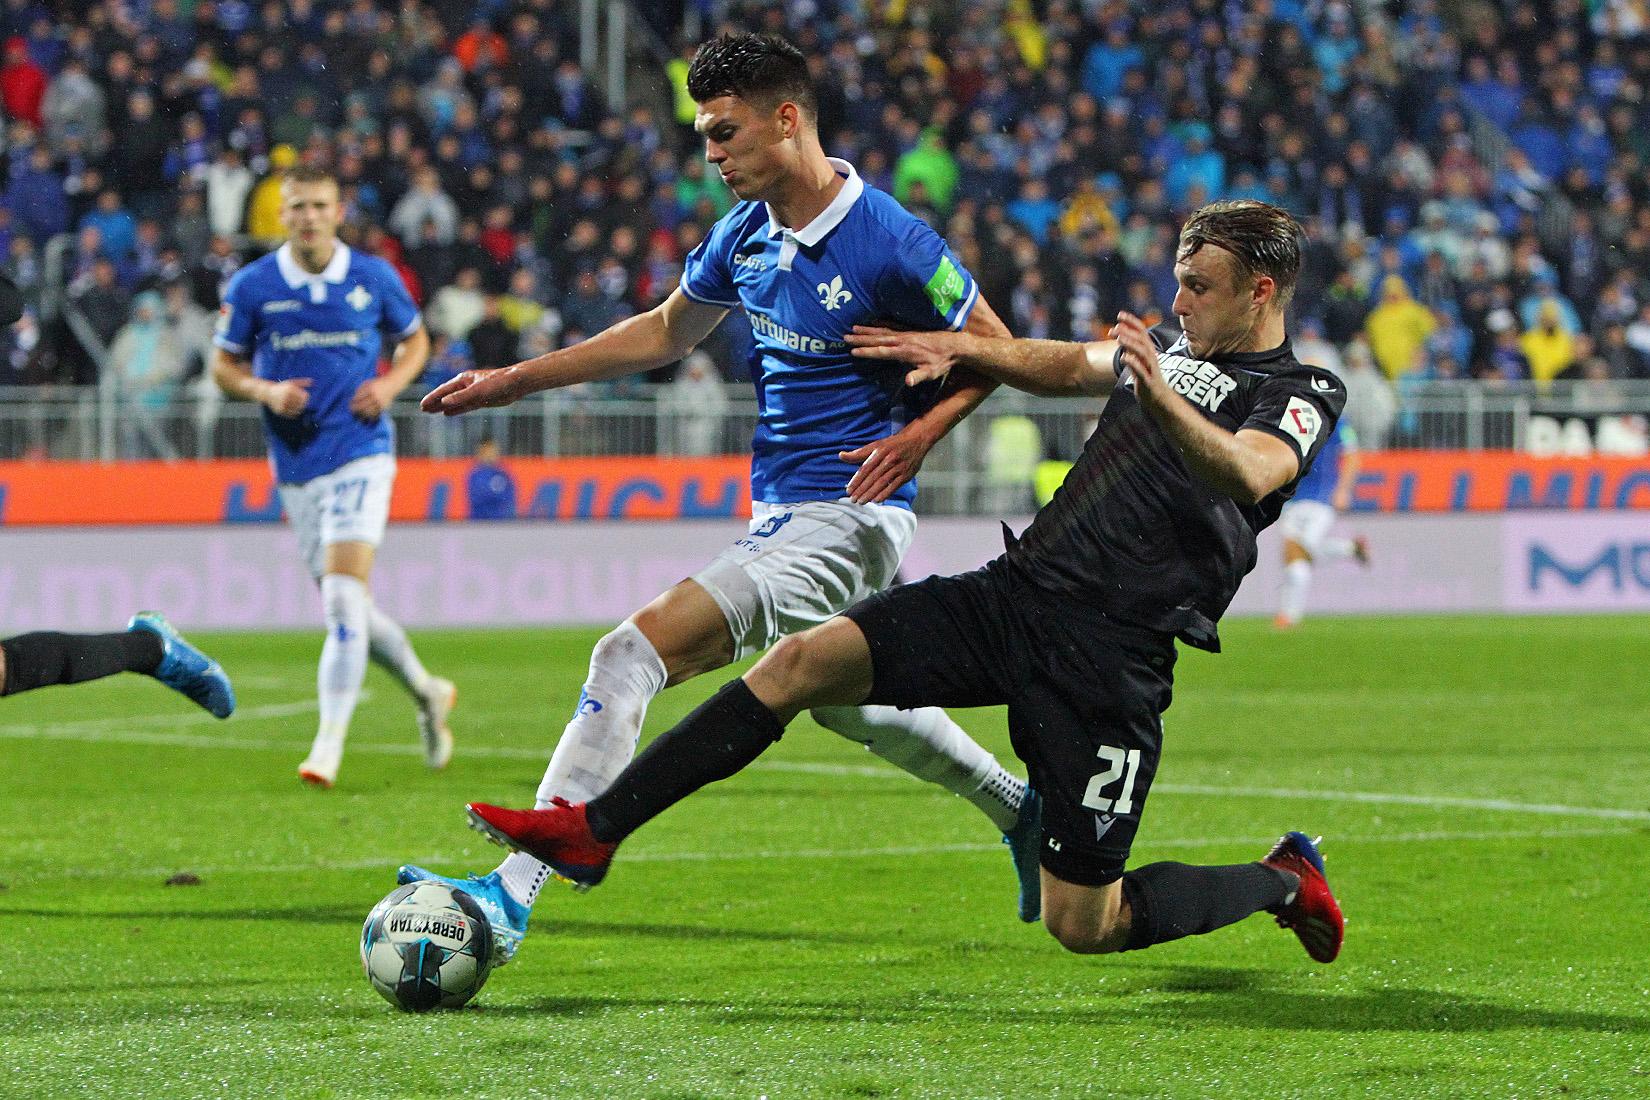 Impressionen vom Spiel gegen den Karlsruher SC